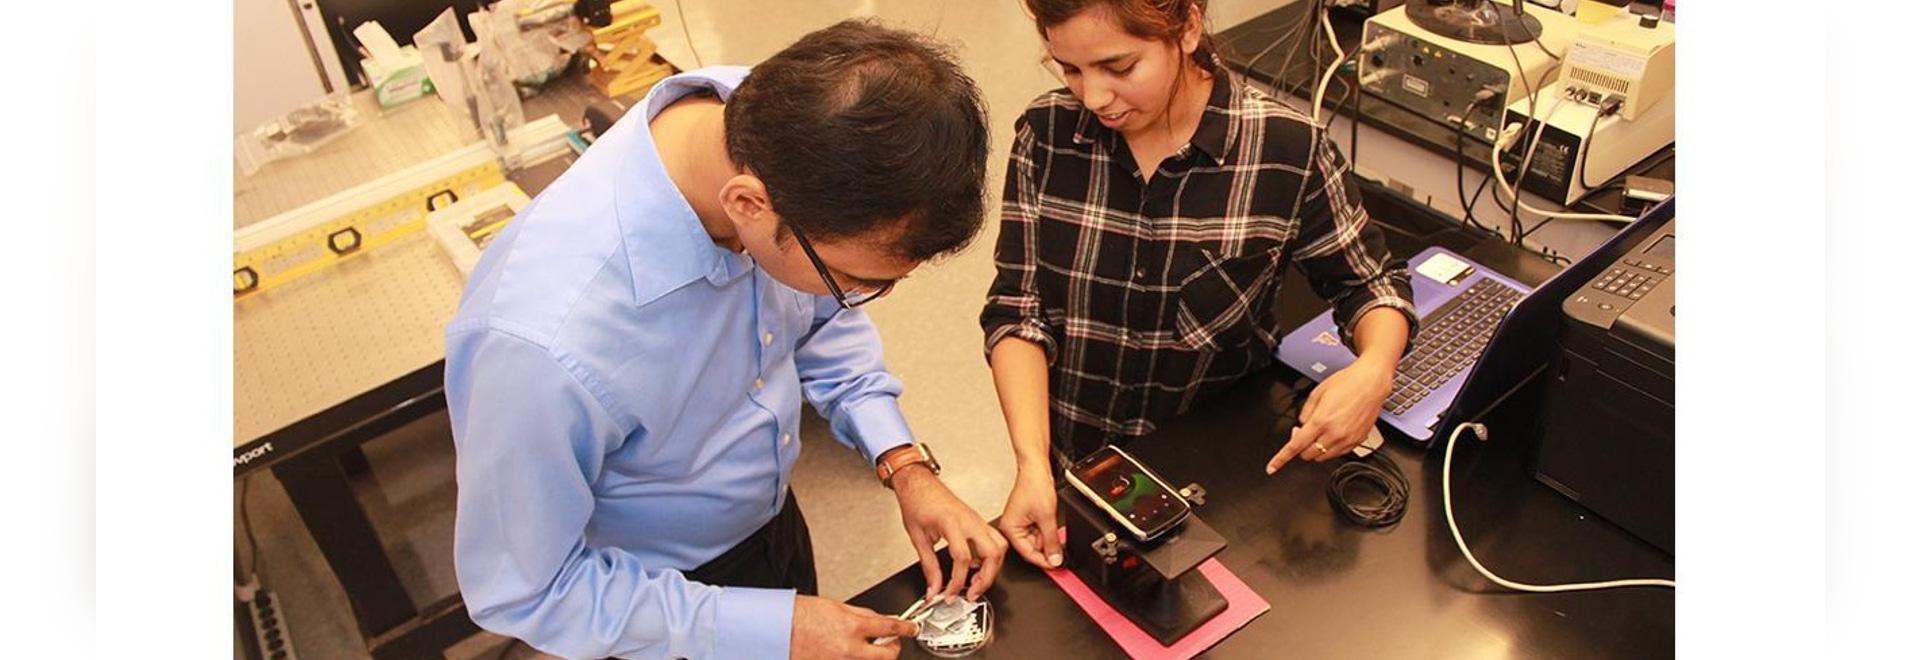 Diagnostic d'un cancer du sein Gene Mutation avec notre très propre Smartphone